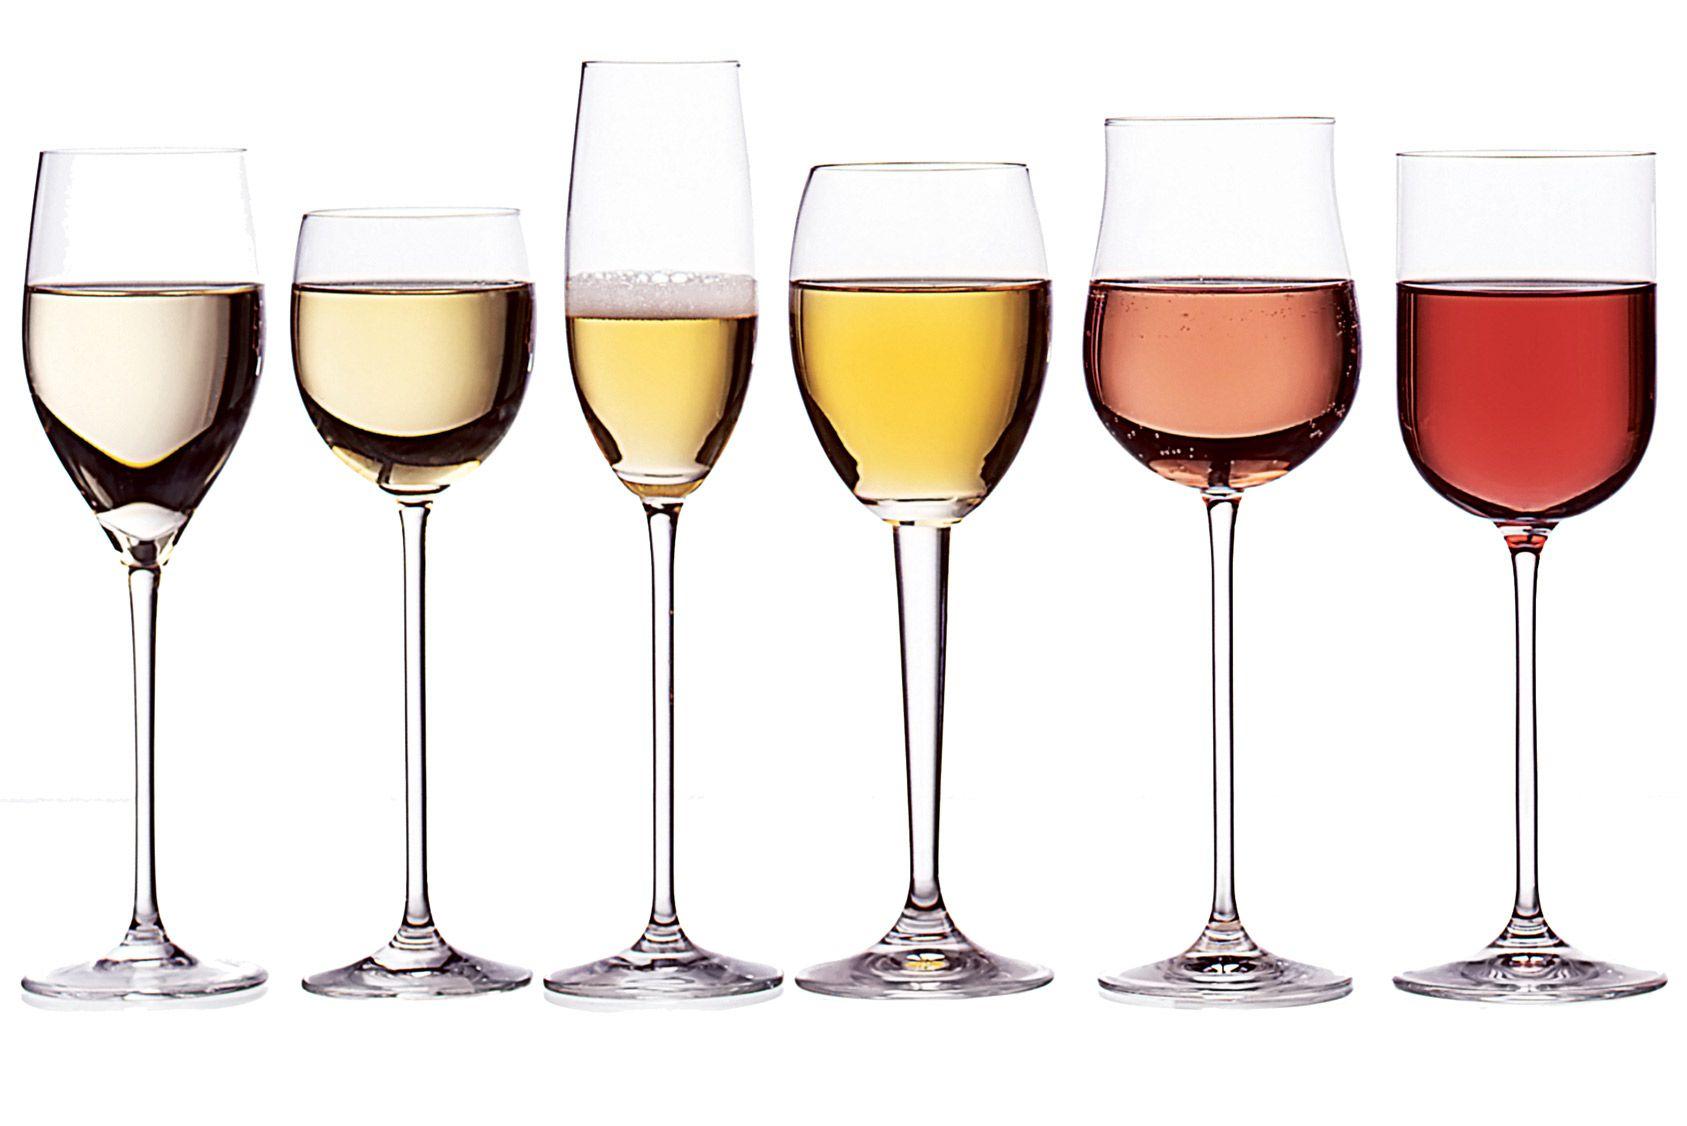 Vins et champagnes: quels millésimes pour les fêtes?